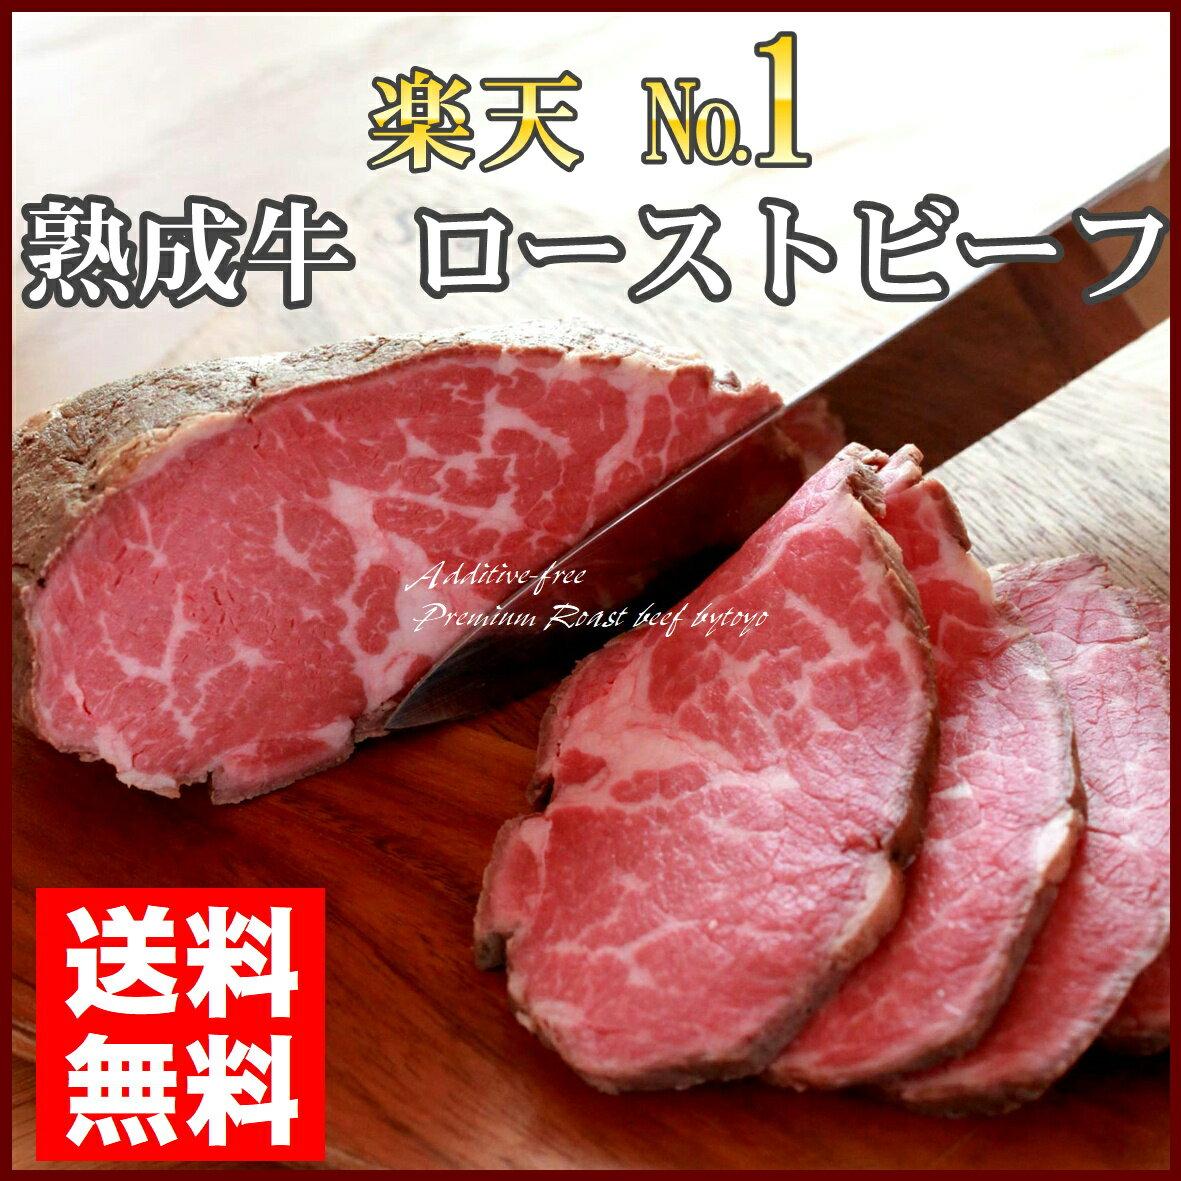 【お取り寄せ】【送料無料・あす楽】熟成牛 プレミアム ローストビーフ 無添加食品 約300g 高級 ギフト おつまみ 熟成肉